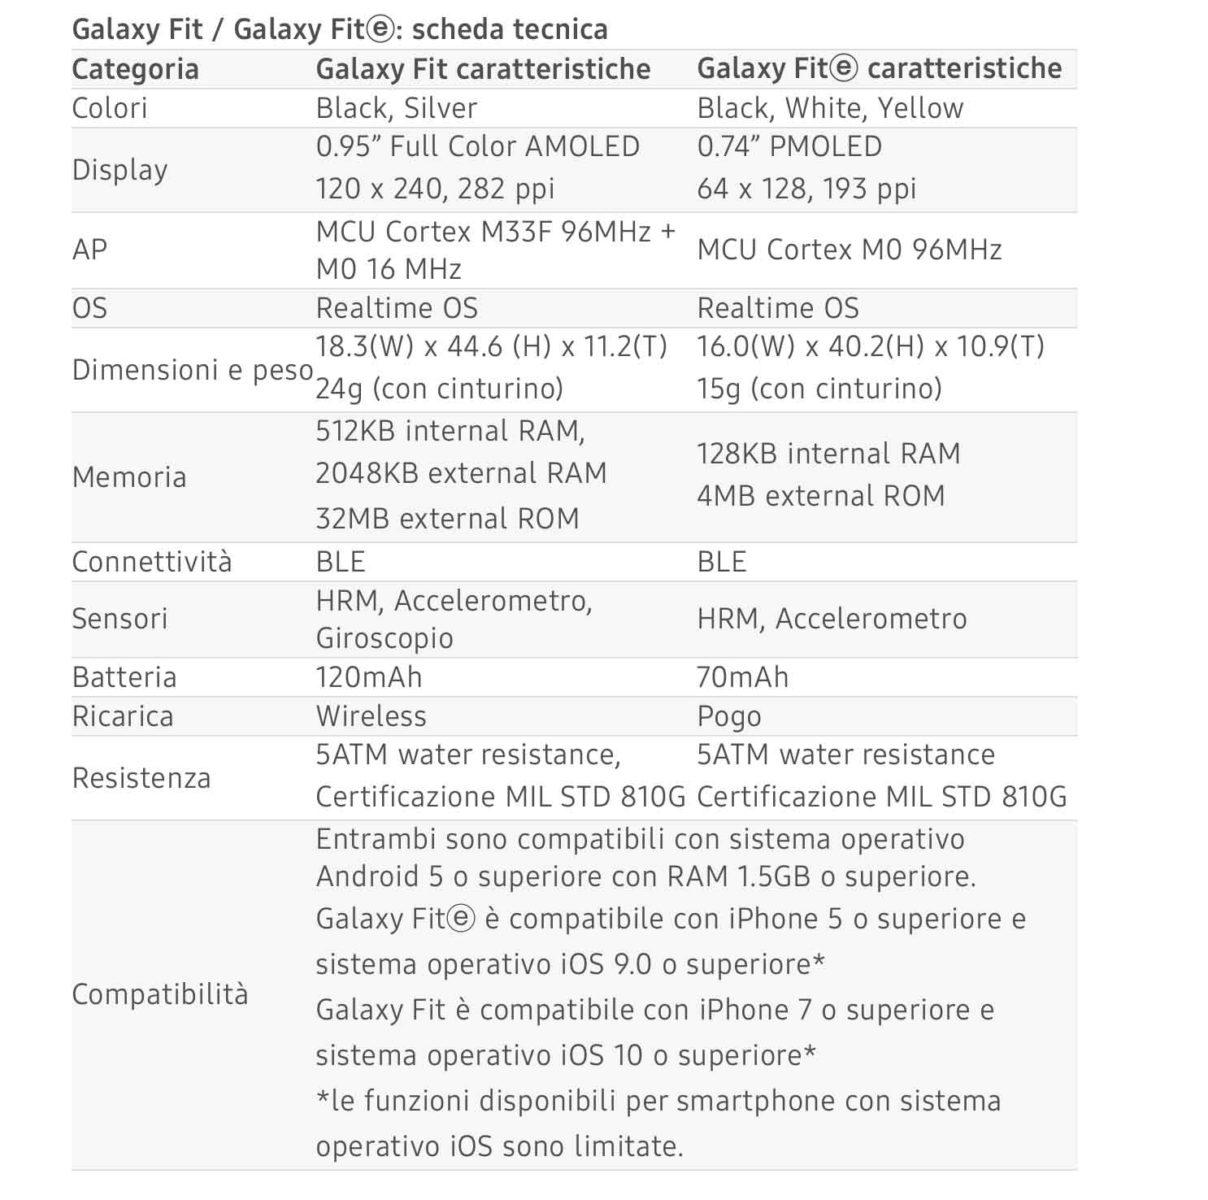 Samsung Galaxy Fit e Galaxy Fit ⓔ ora disponibili anche in Italia